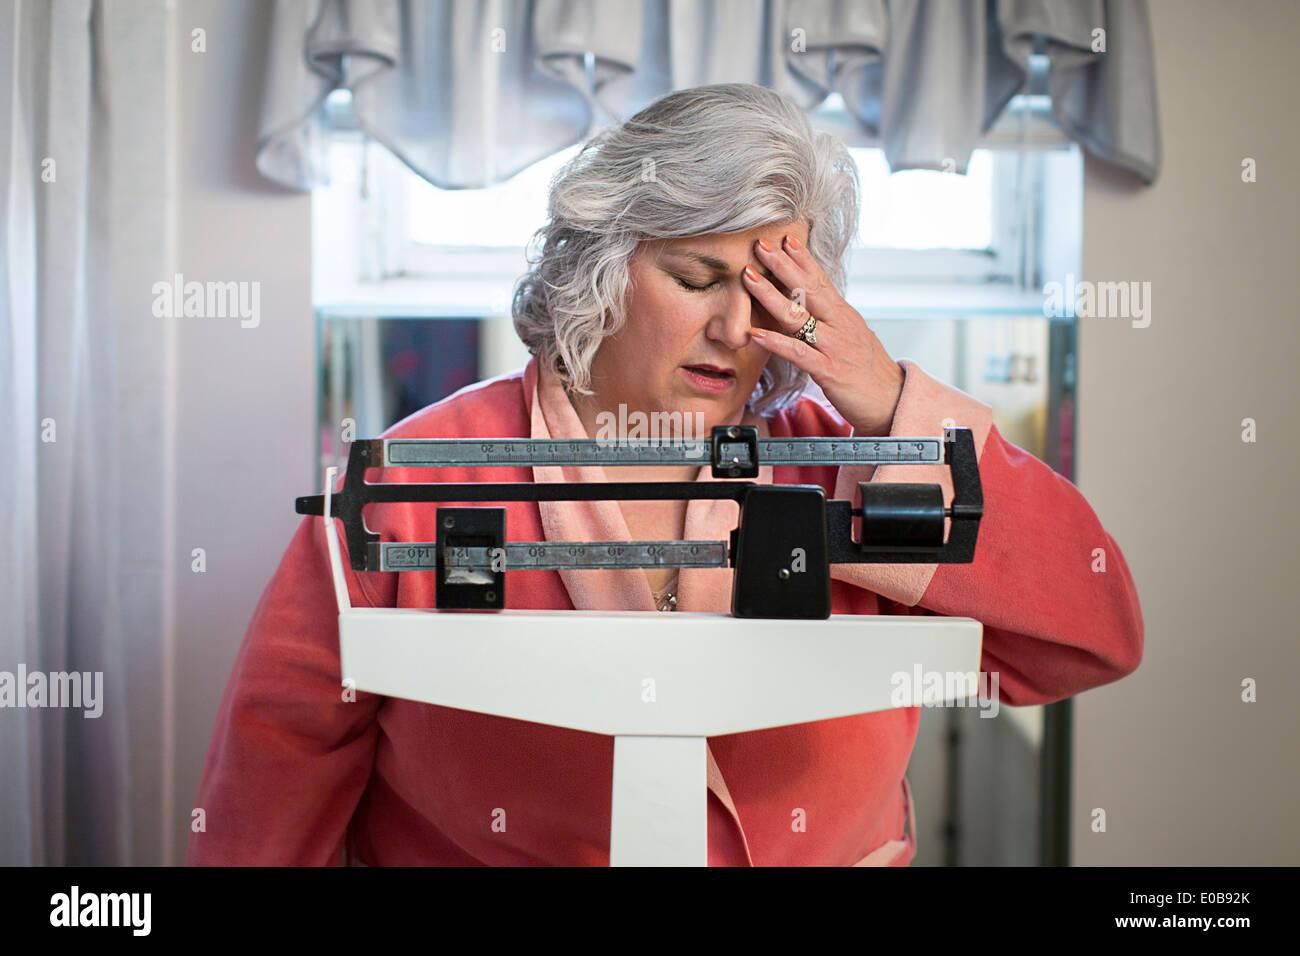 Femme mature malheureux sur salle de bains pèse-personne Photo Stock